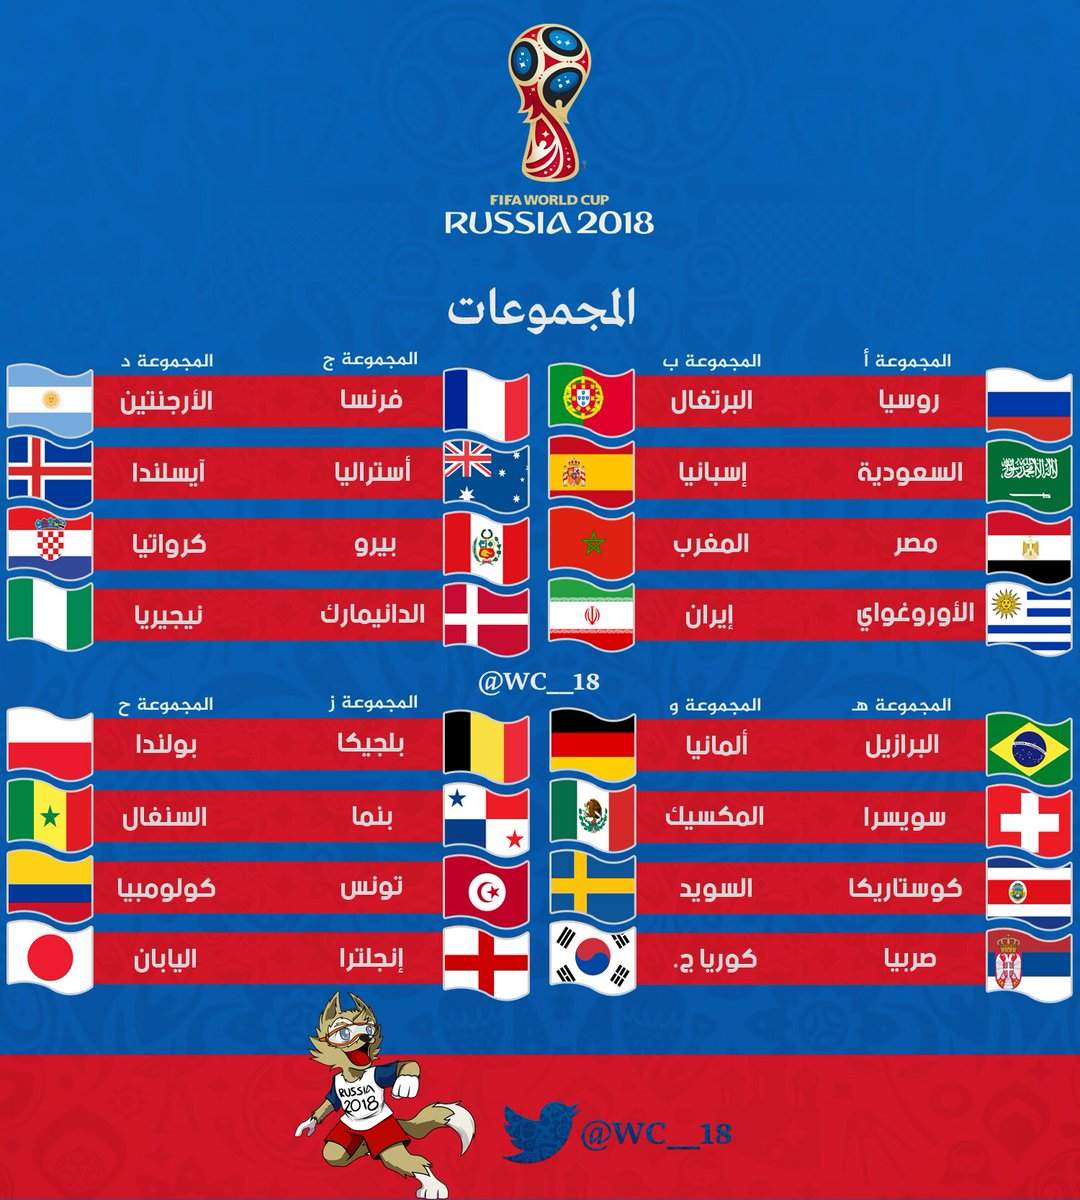 كأس العالم 2018 on Twitter: